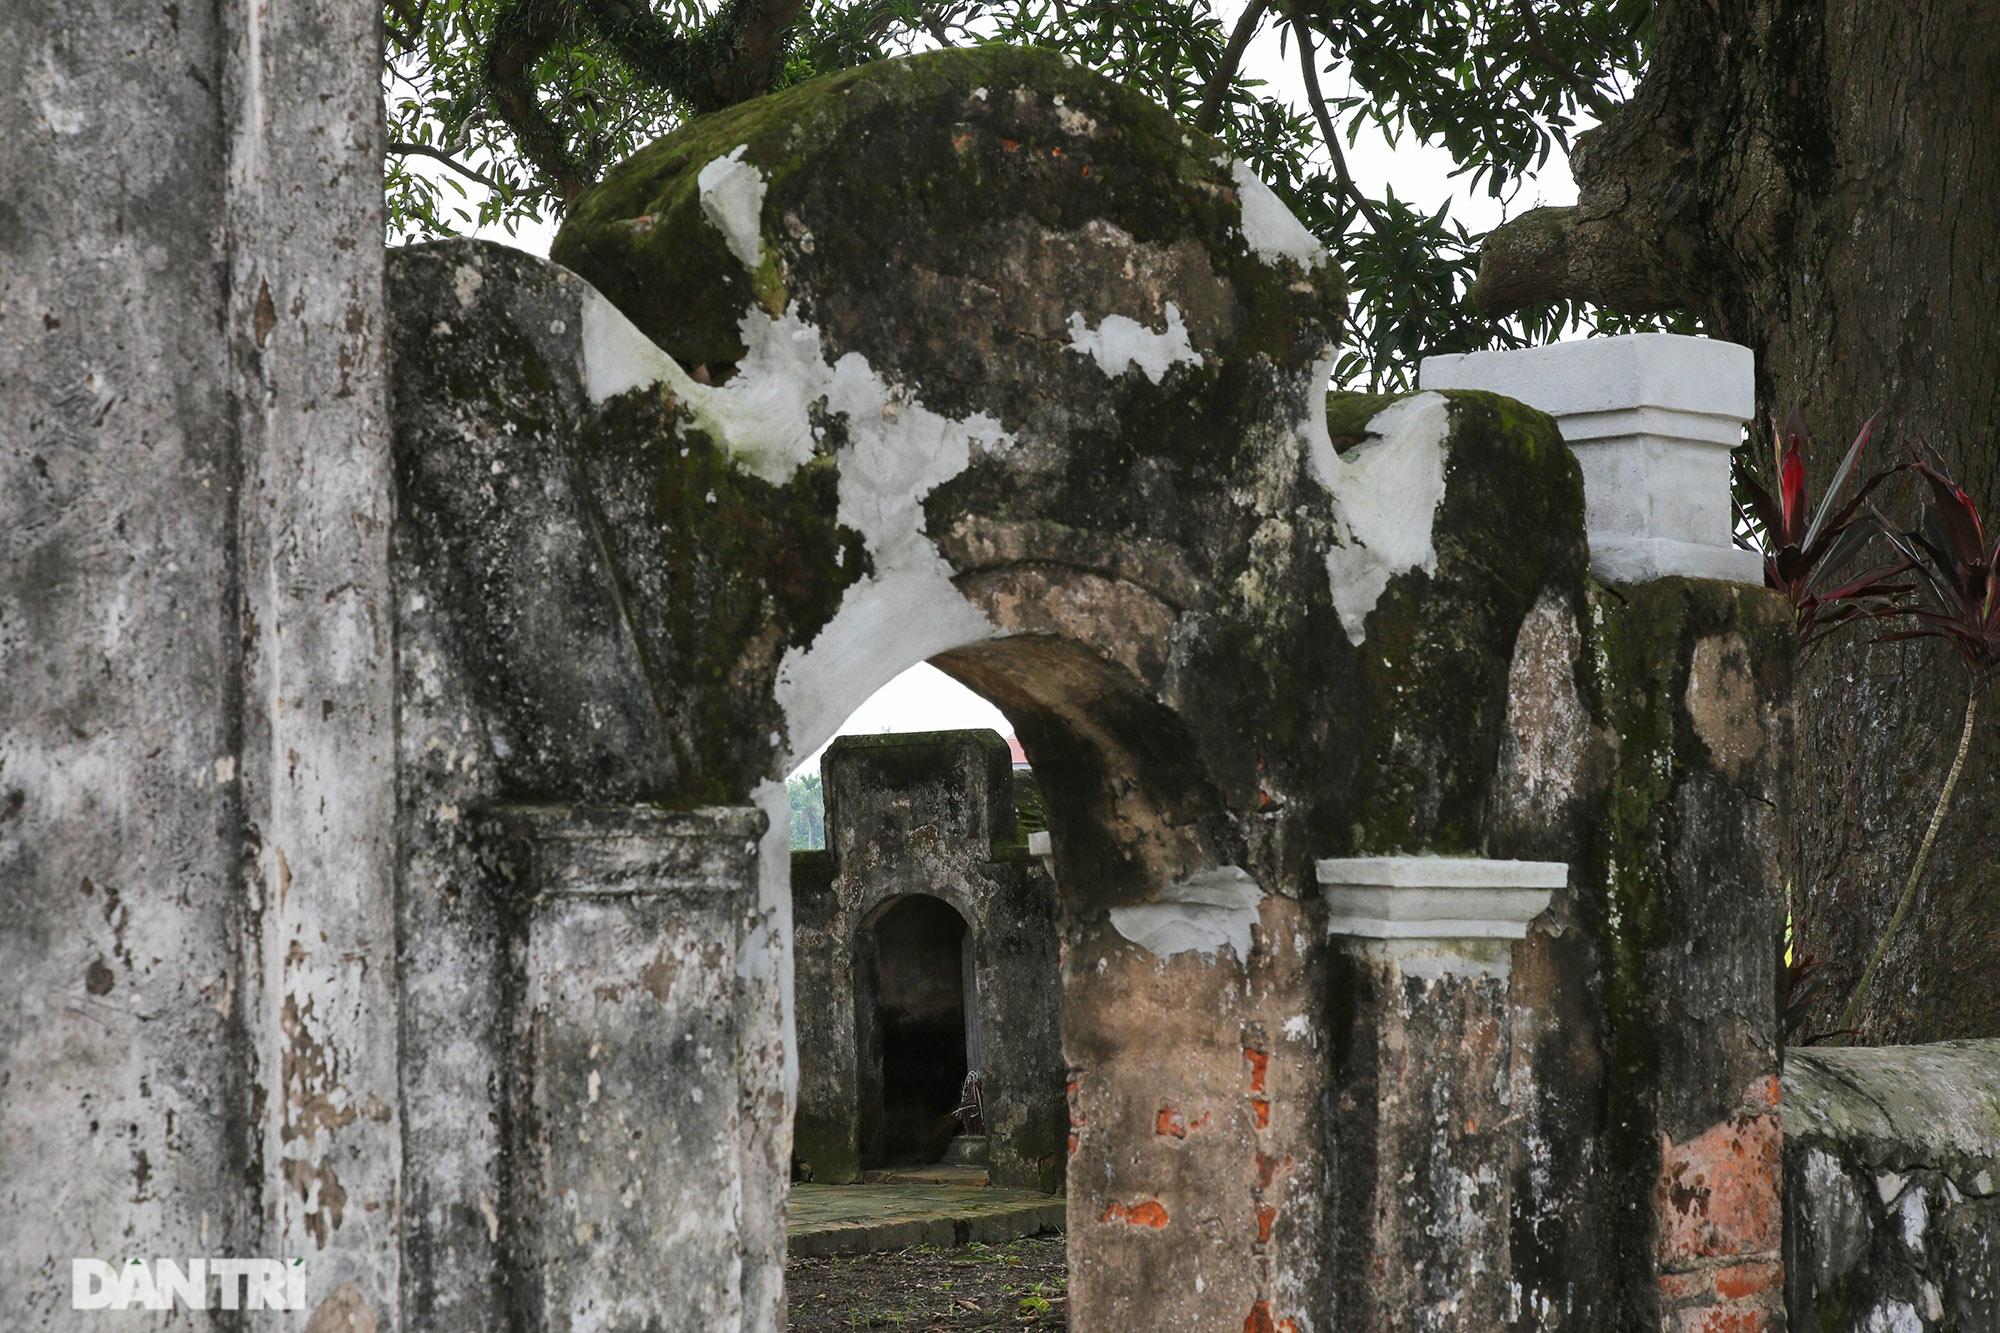 Huyền tích nghìn đời qua những ngôi quán cổ ở Hà Nội - 14